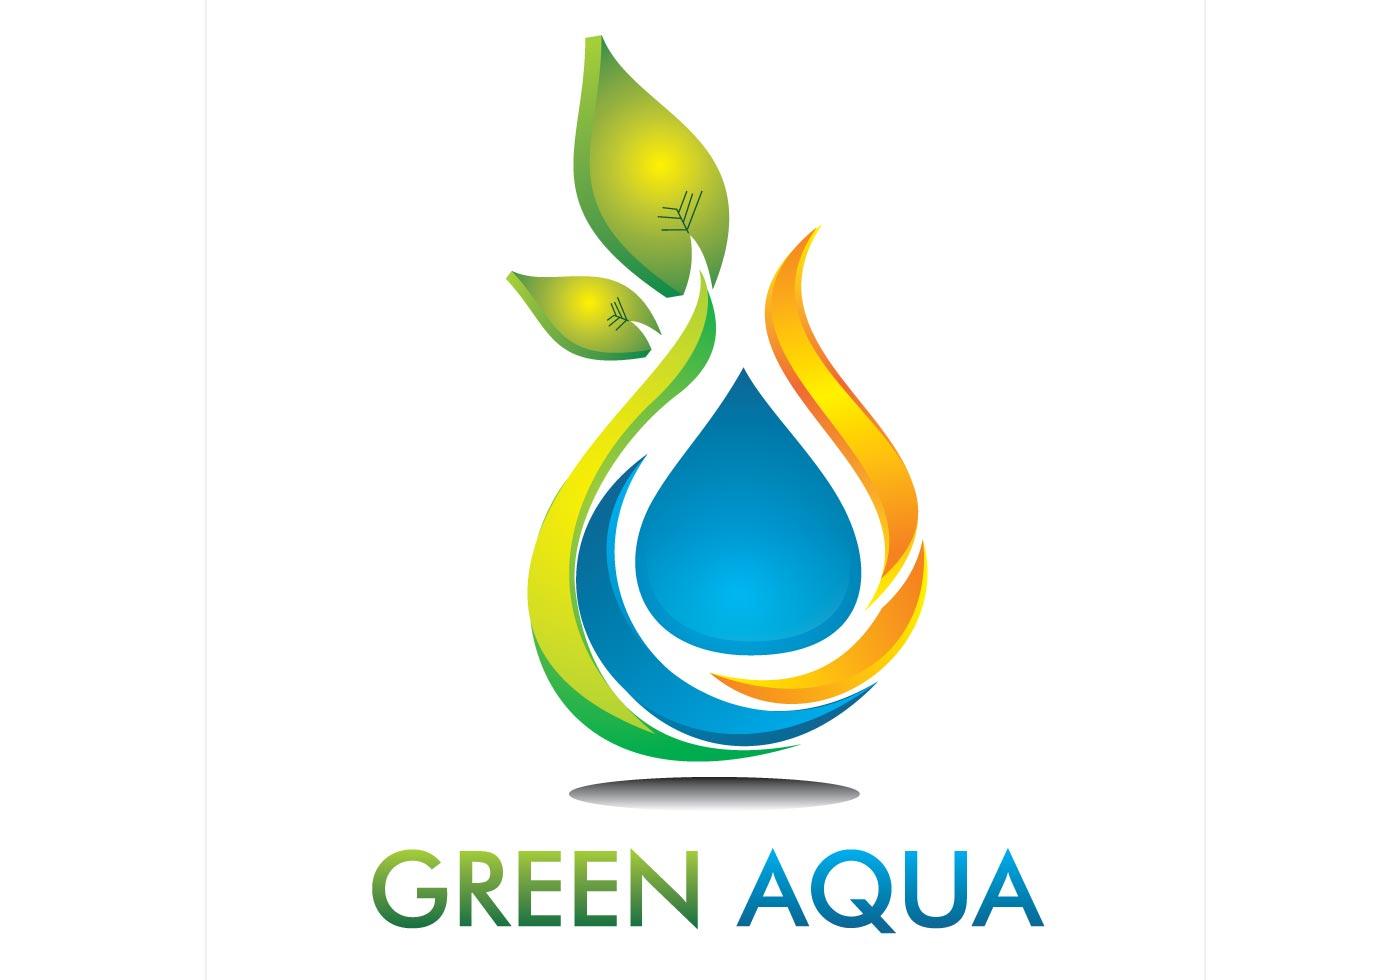 Green Aqua Download Free Vector Art Stock Graphics Amp Images